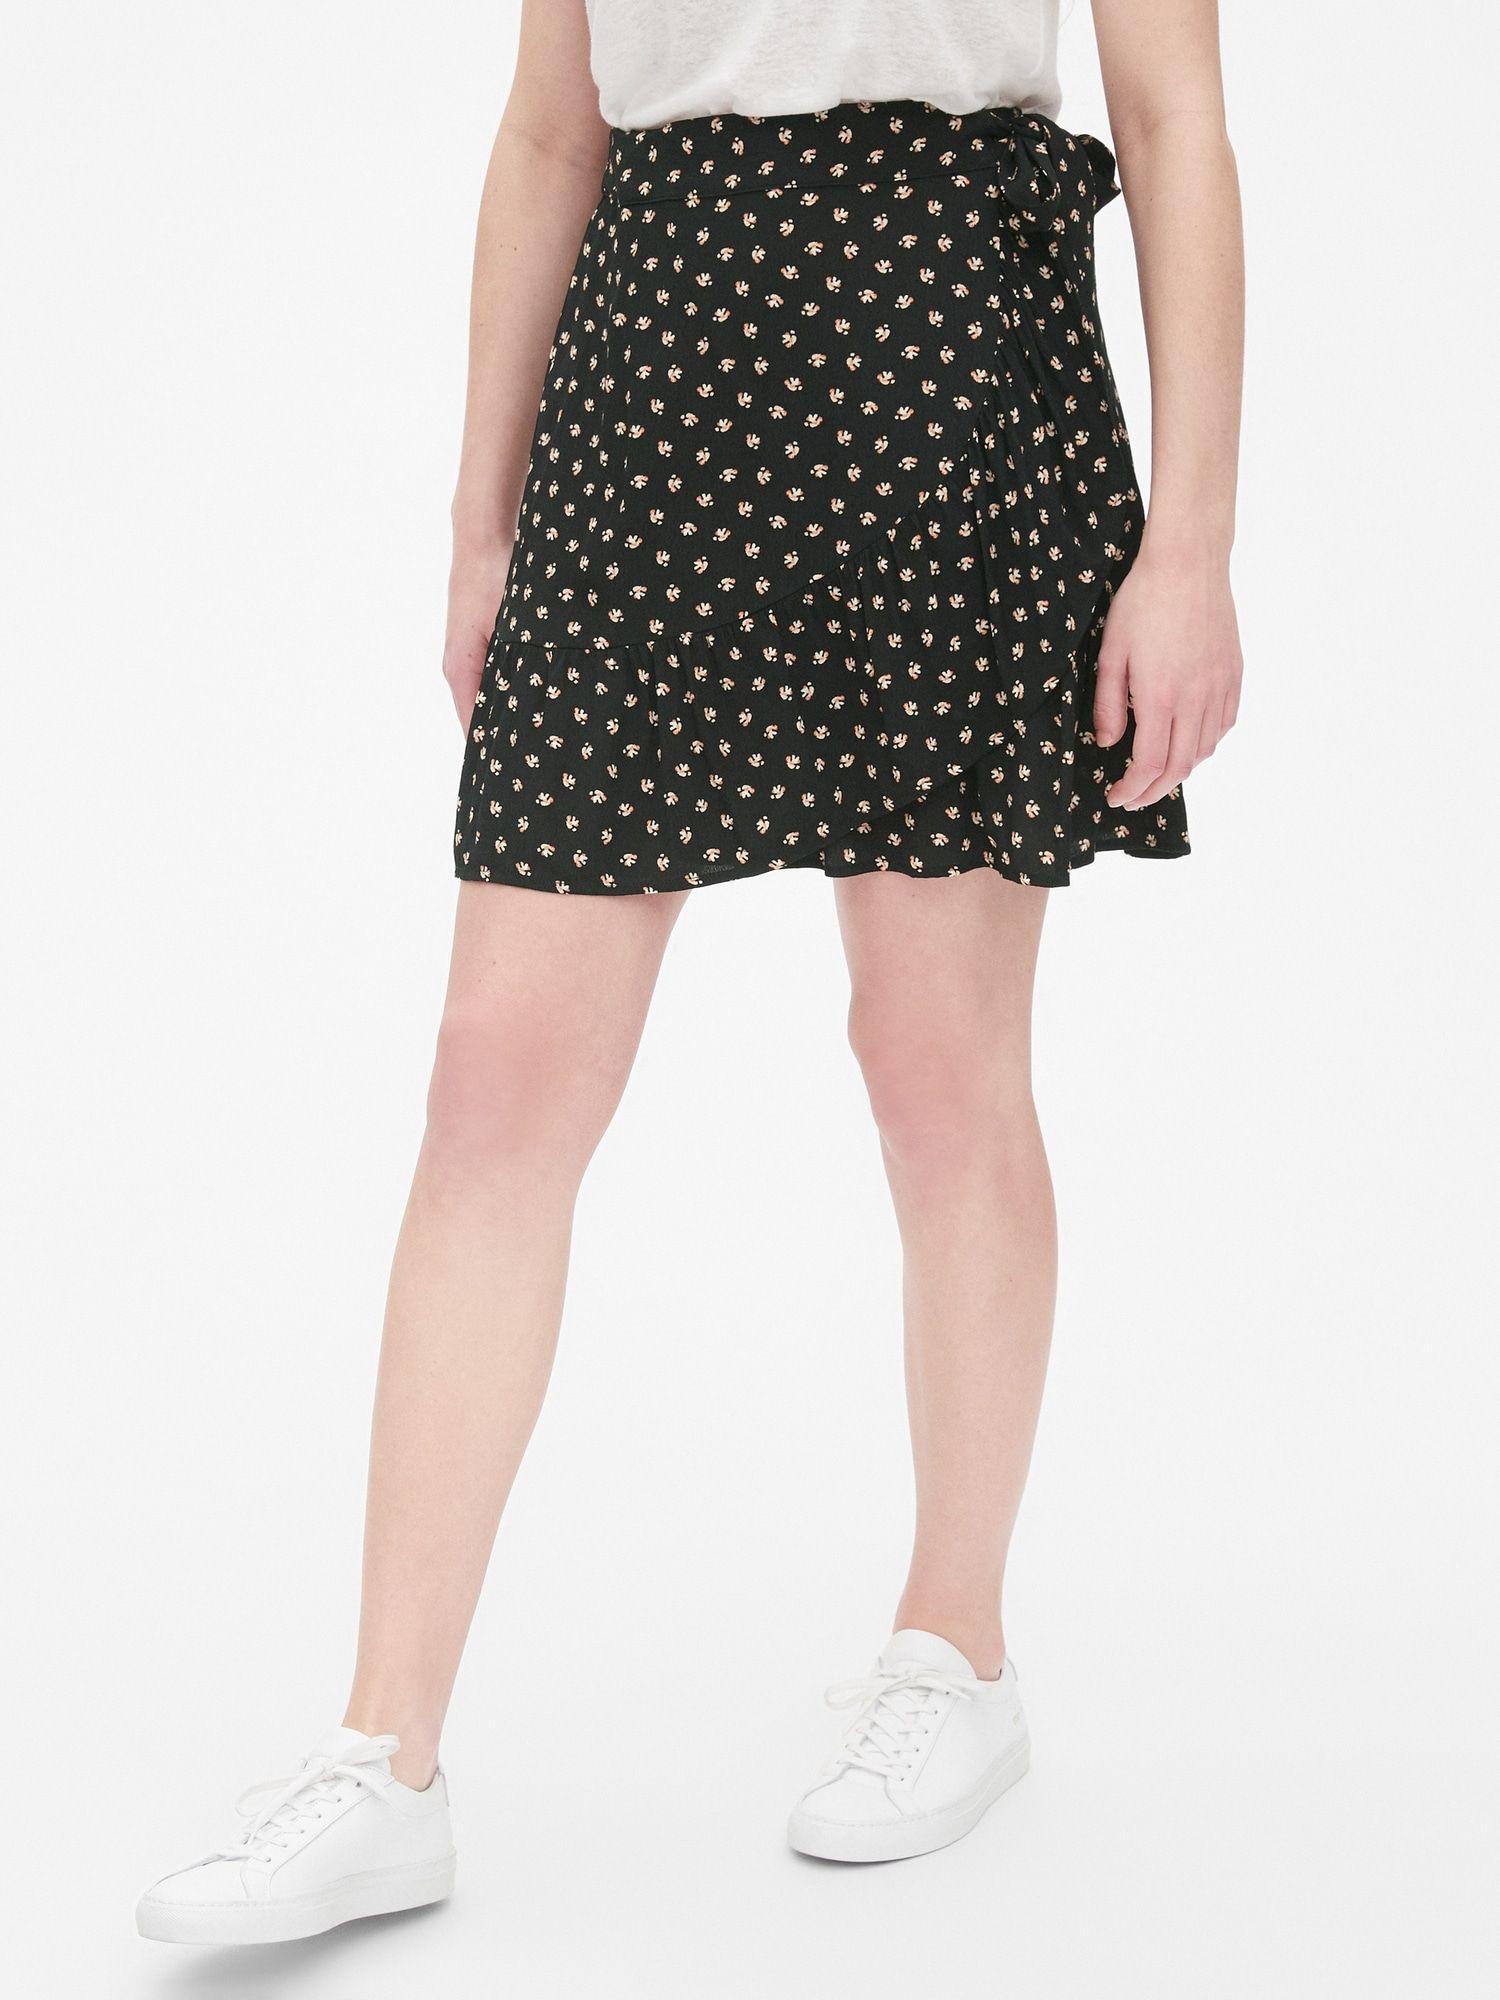 411ff035f7 Print Ruffle Wrap Mini Skirt in 2019   Gap Picks   Mini skirts ...